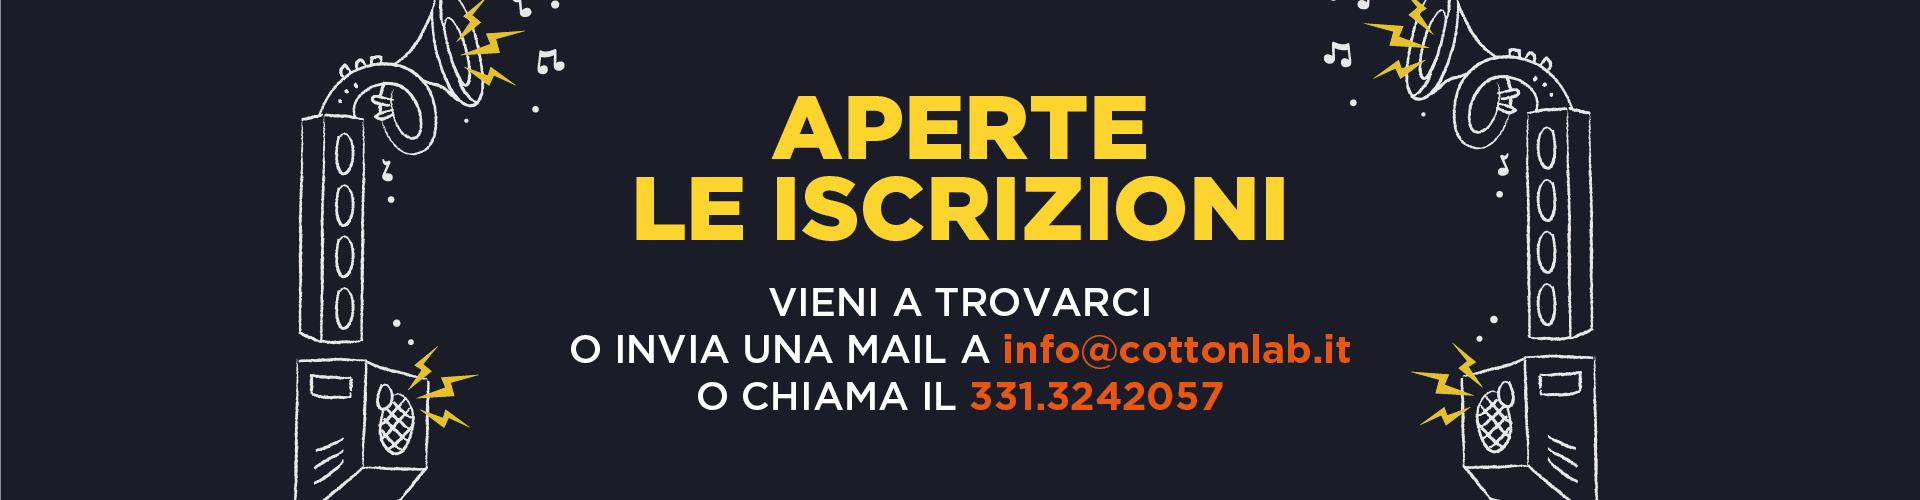 slider_sito_iscrizioni1